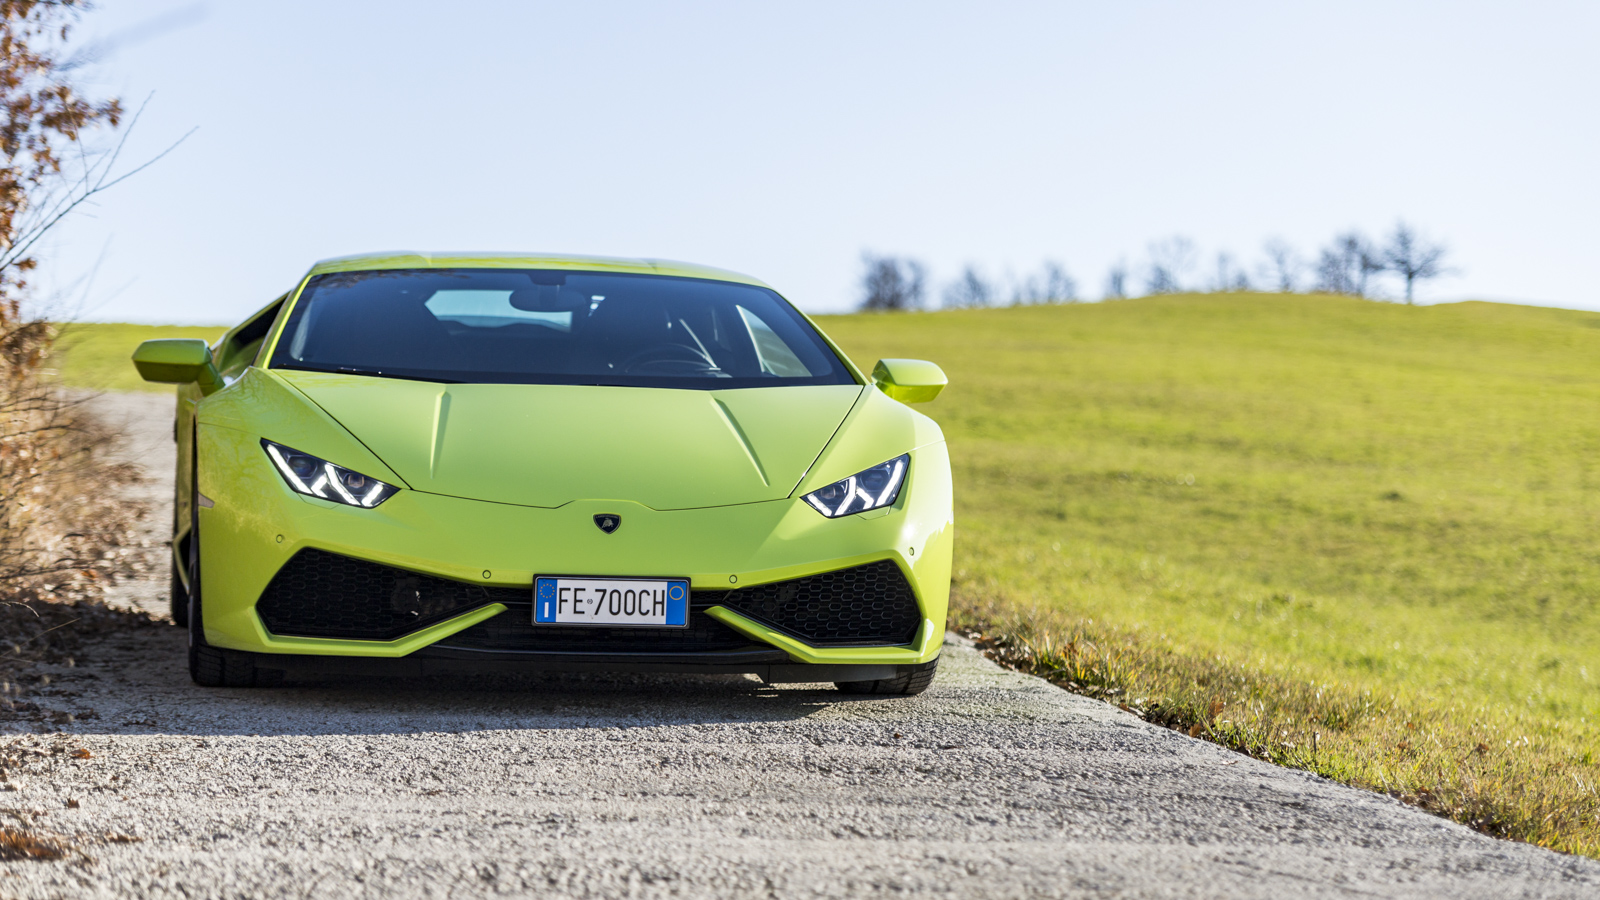 Test_Drive_Lamborghini_Huracan_LP610-4_14